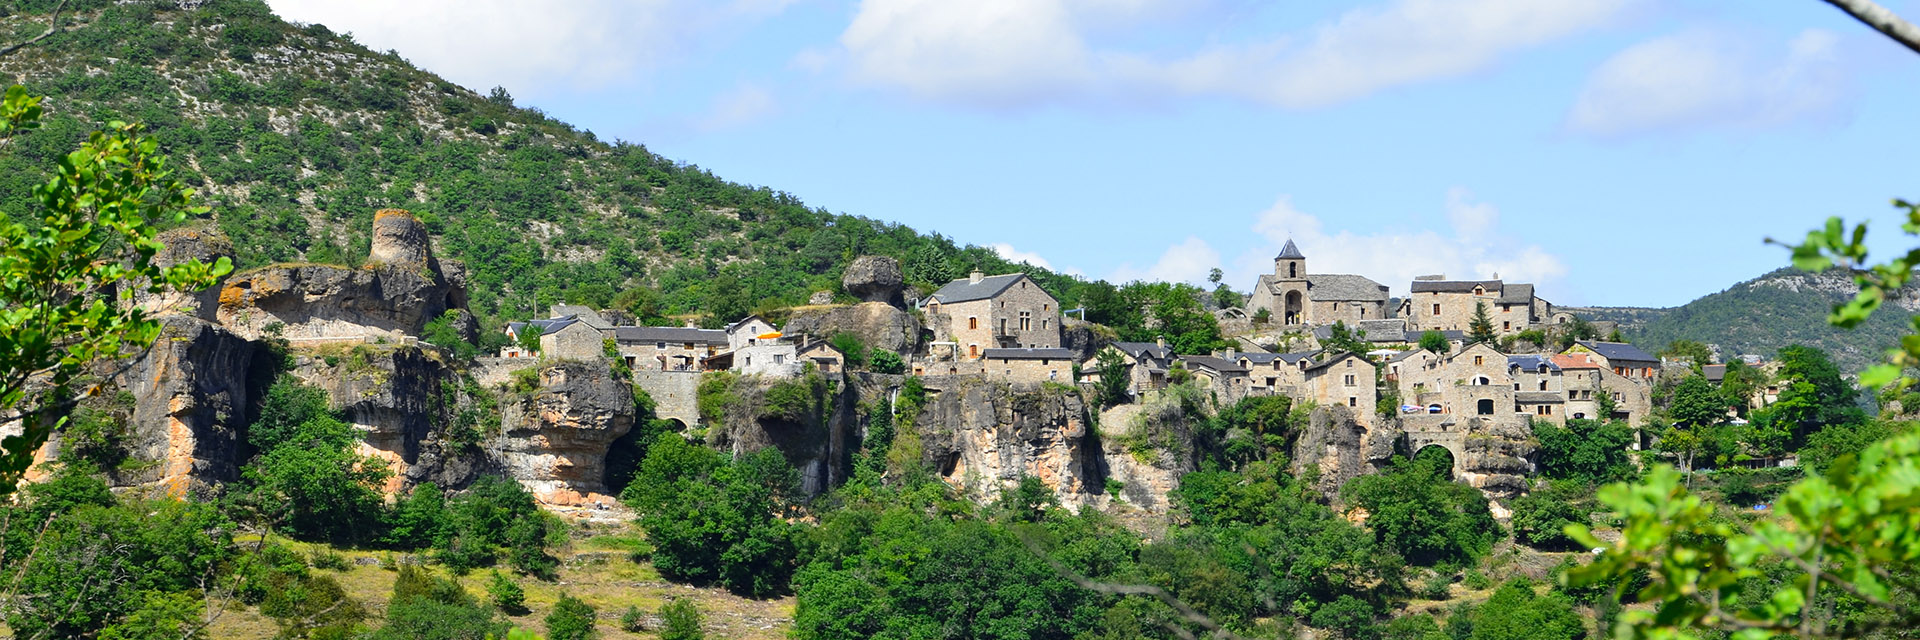 Village_club_vacances_aveyron-cantal-et-ardèche-domaine-de-roc-nantais-montagne-ville-panorame-nature